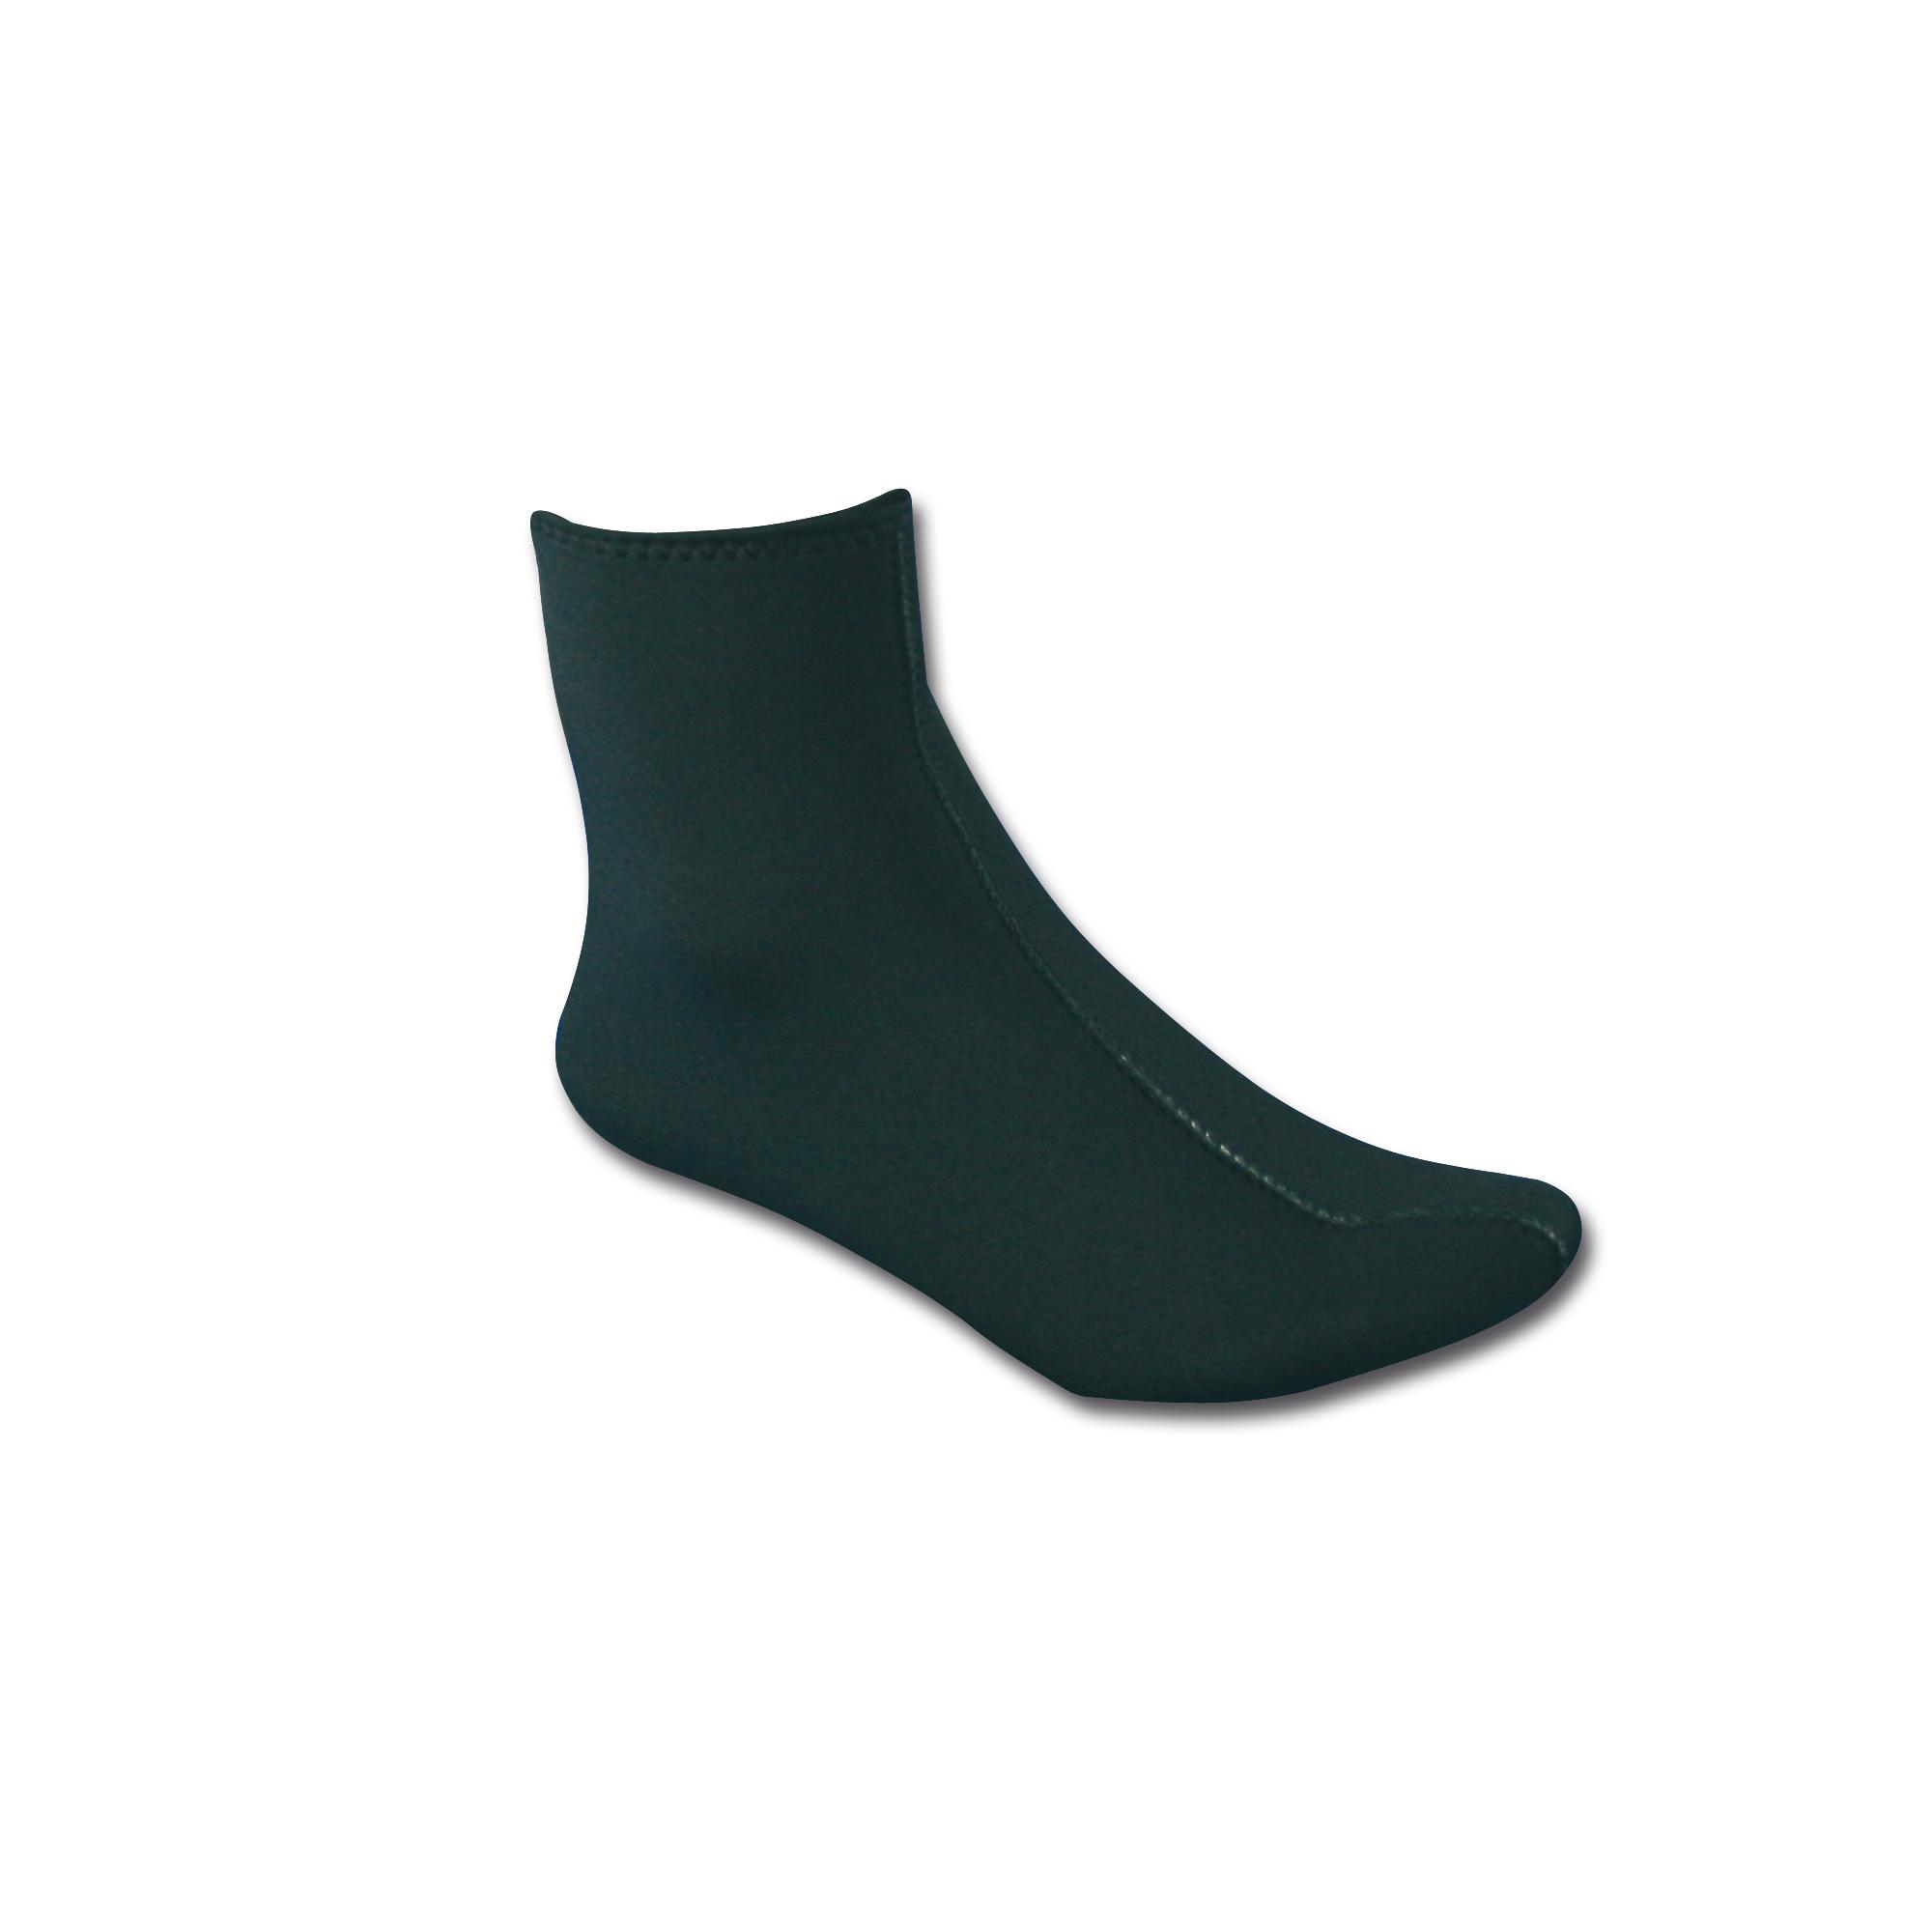 Neopren Socks Short